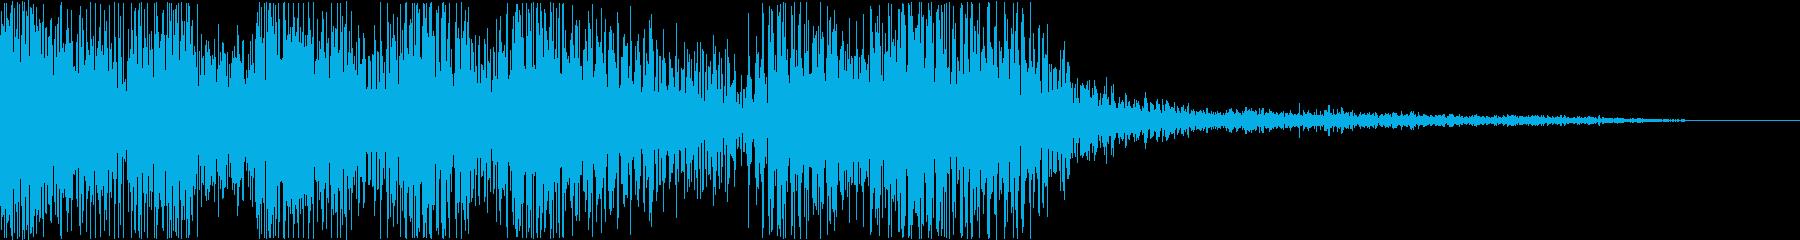 ポジティブで気持ちの良いファンク/...の再生済みの波形